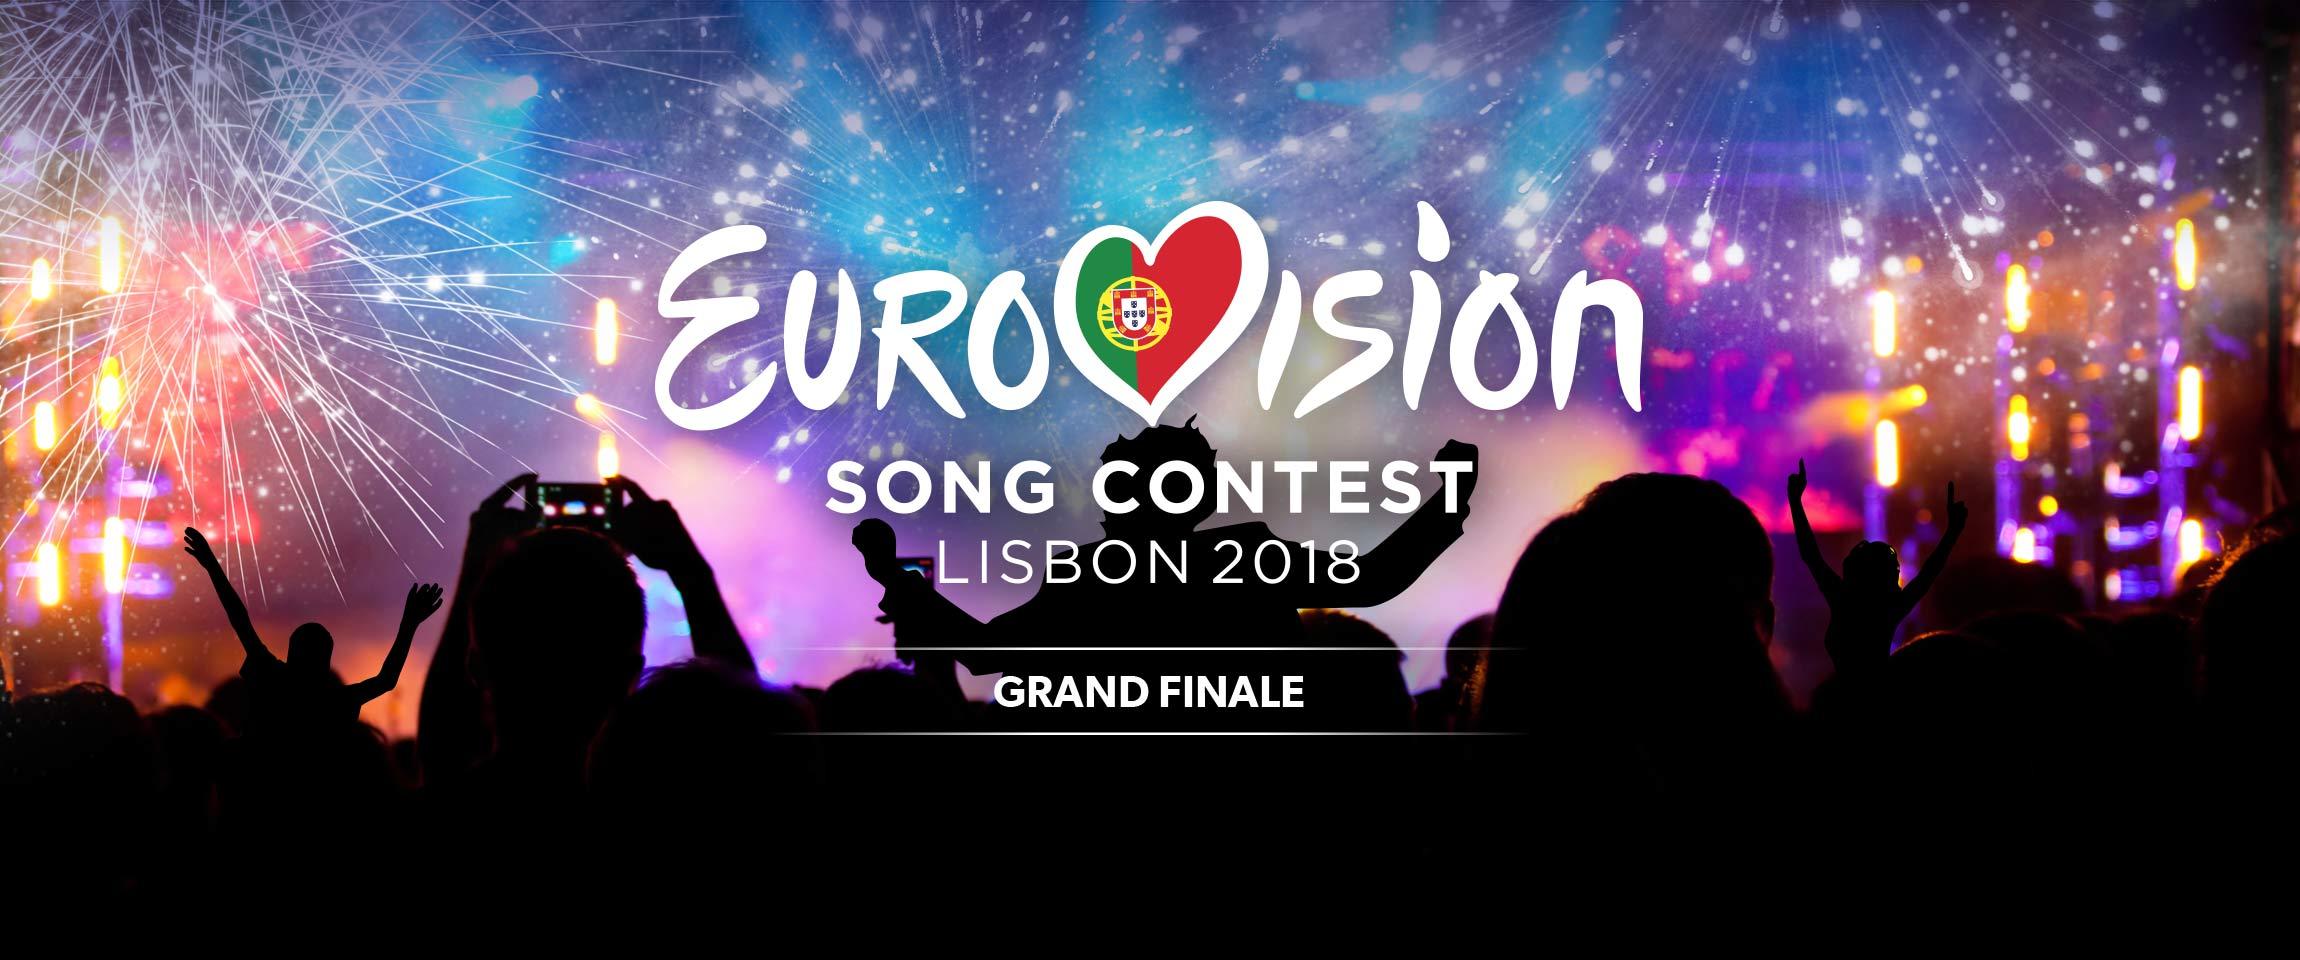 Eurovision Grand Finale - ROMEO Guide